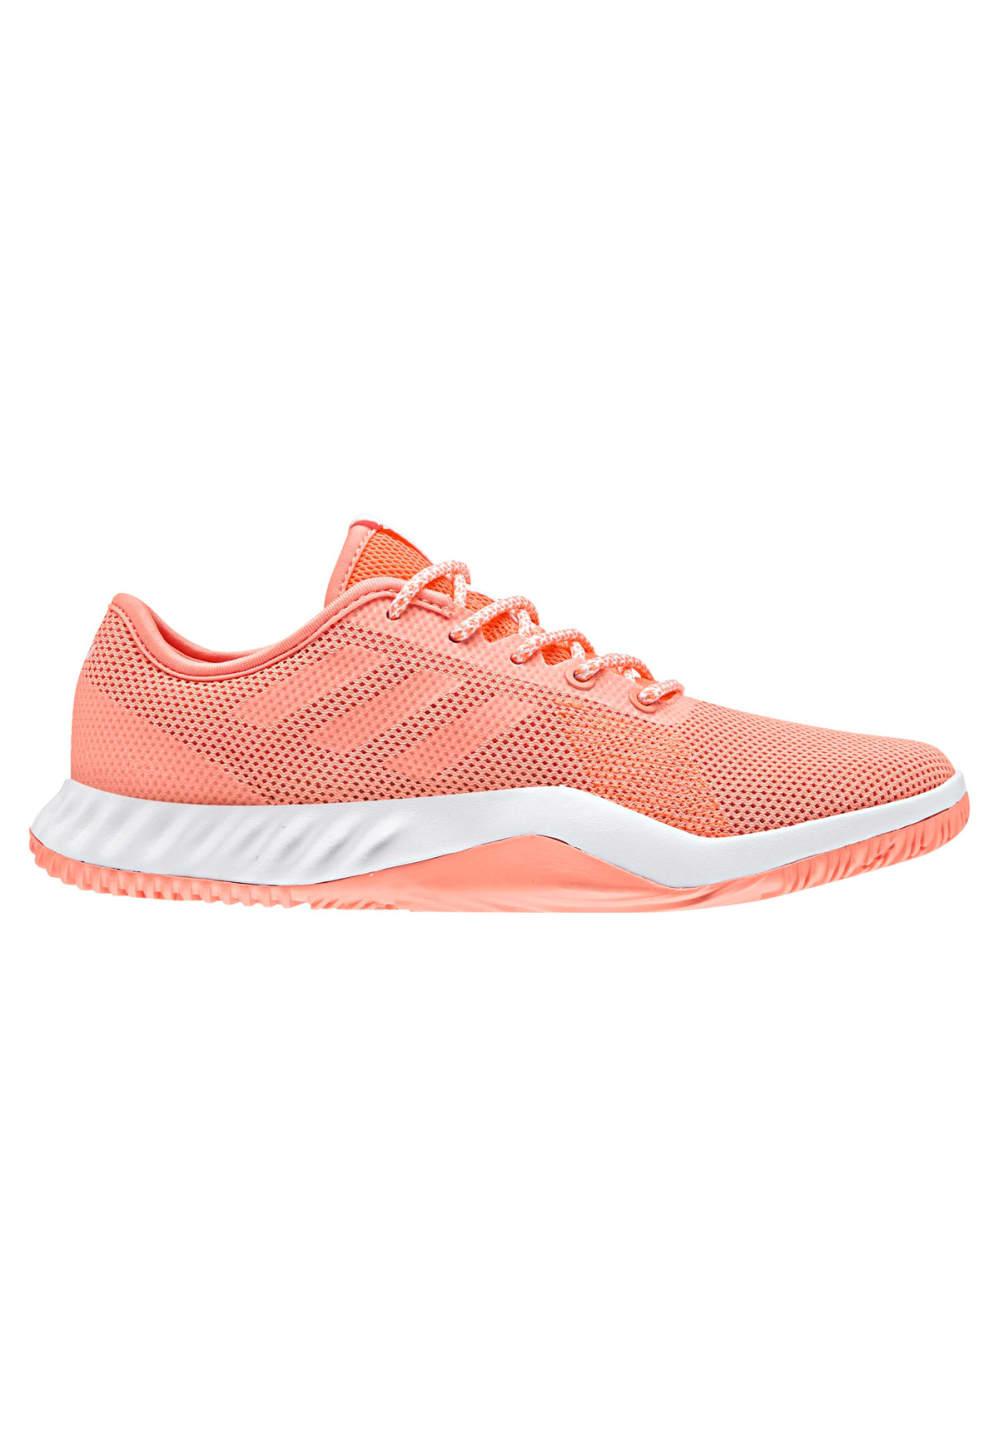 size 40 95de5 9563a Next. -70%. adidas. Crazytrain Lt - Fitnessschuhe für Damen